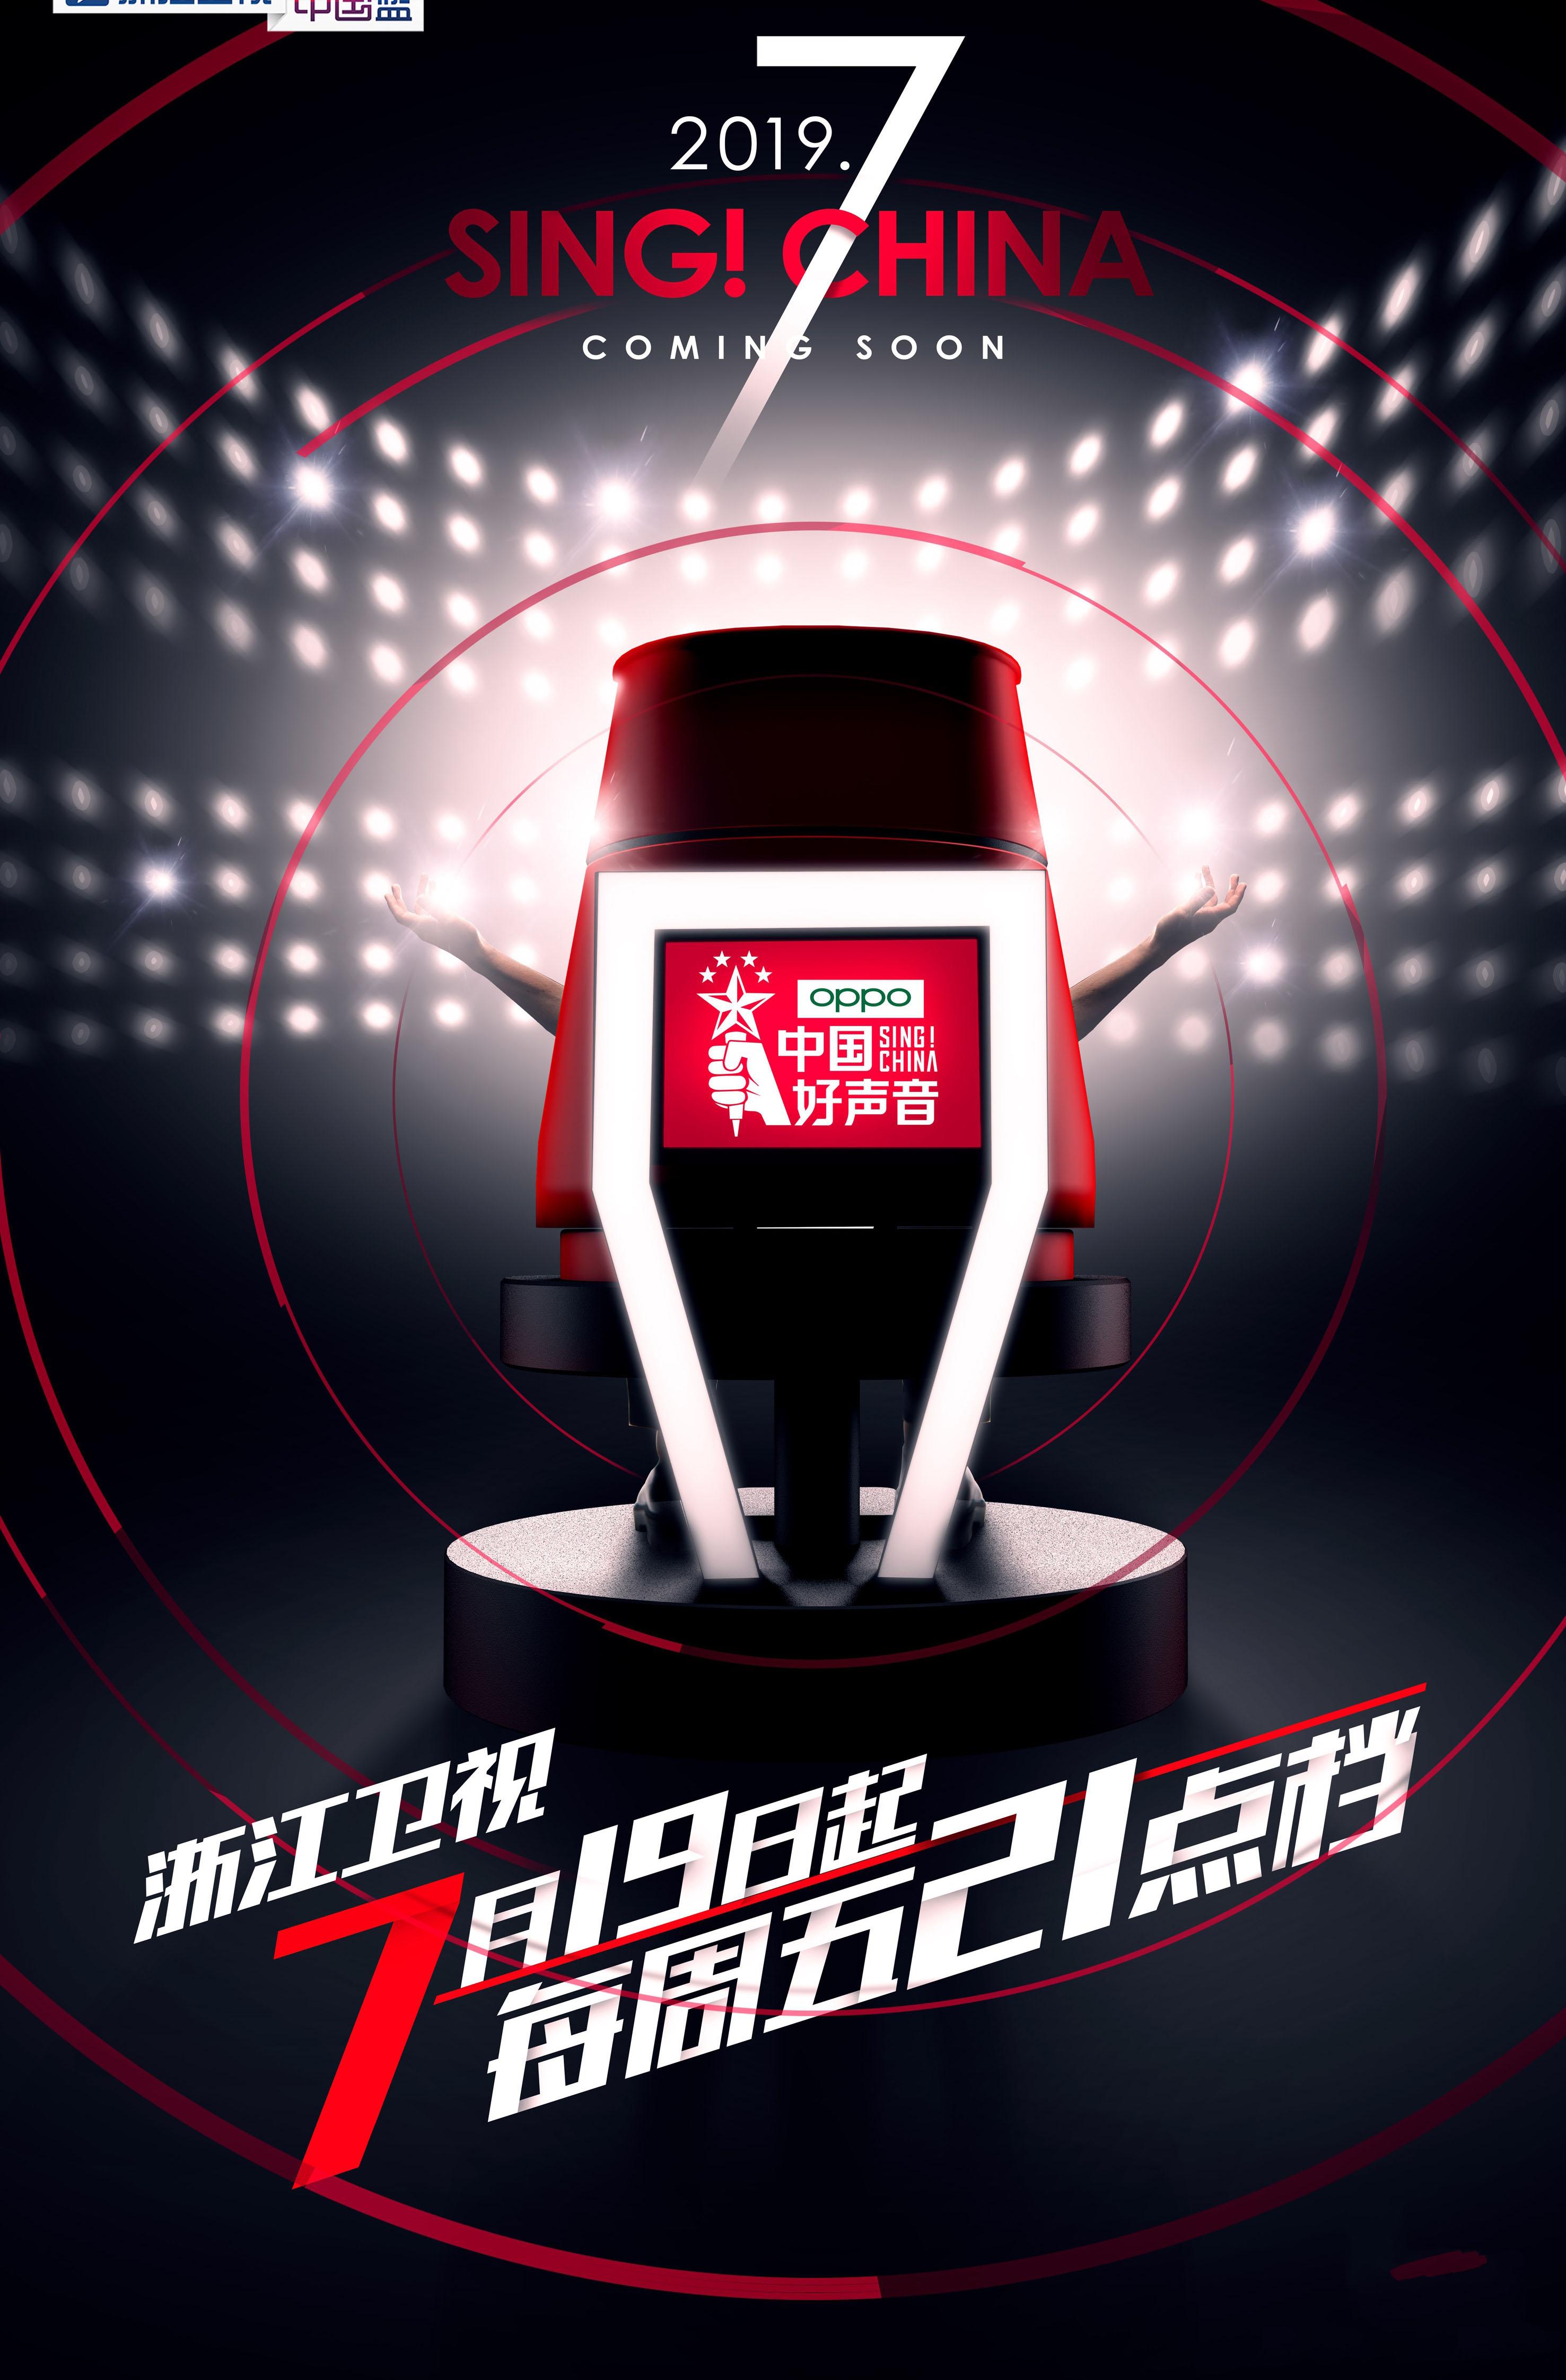 快3线上第一投注平台,中国好声音2019